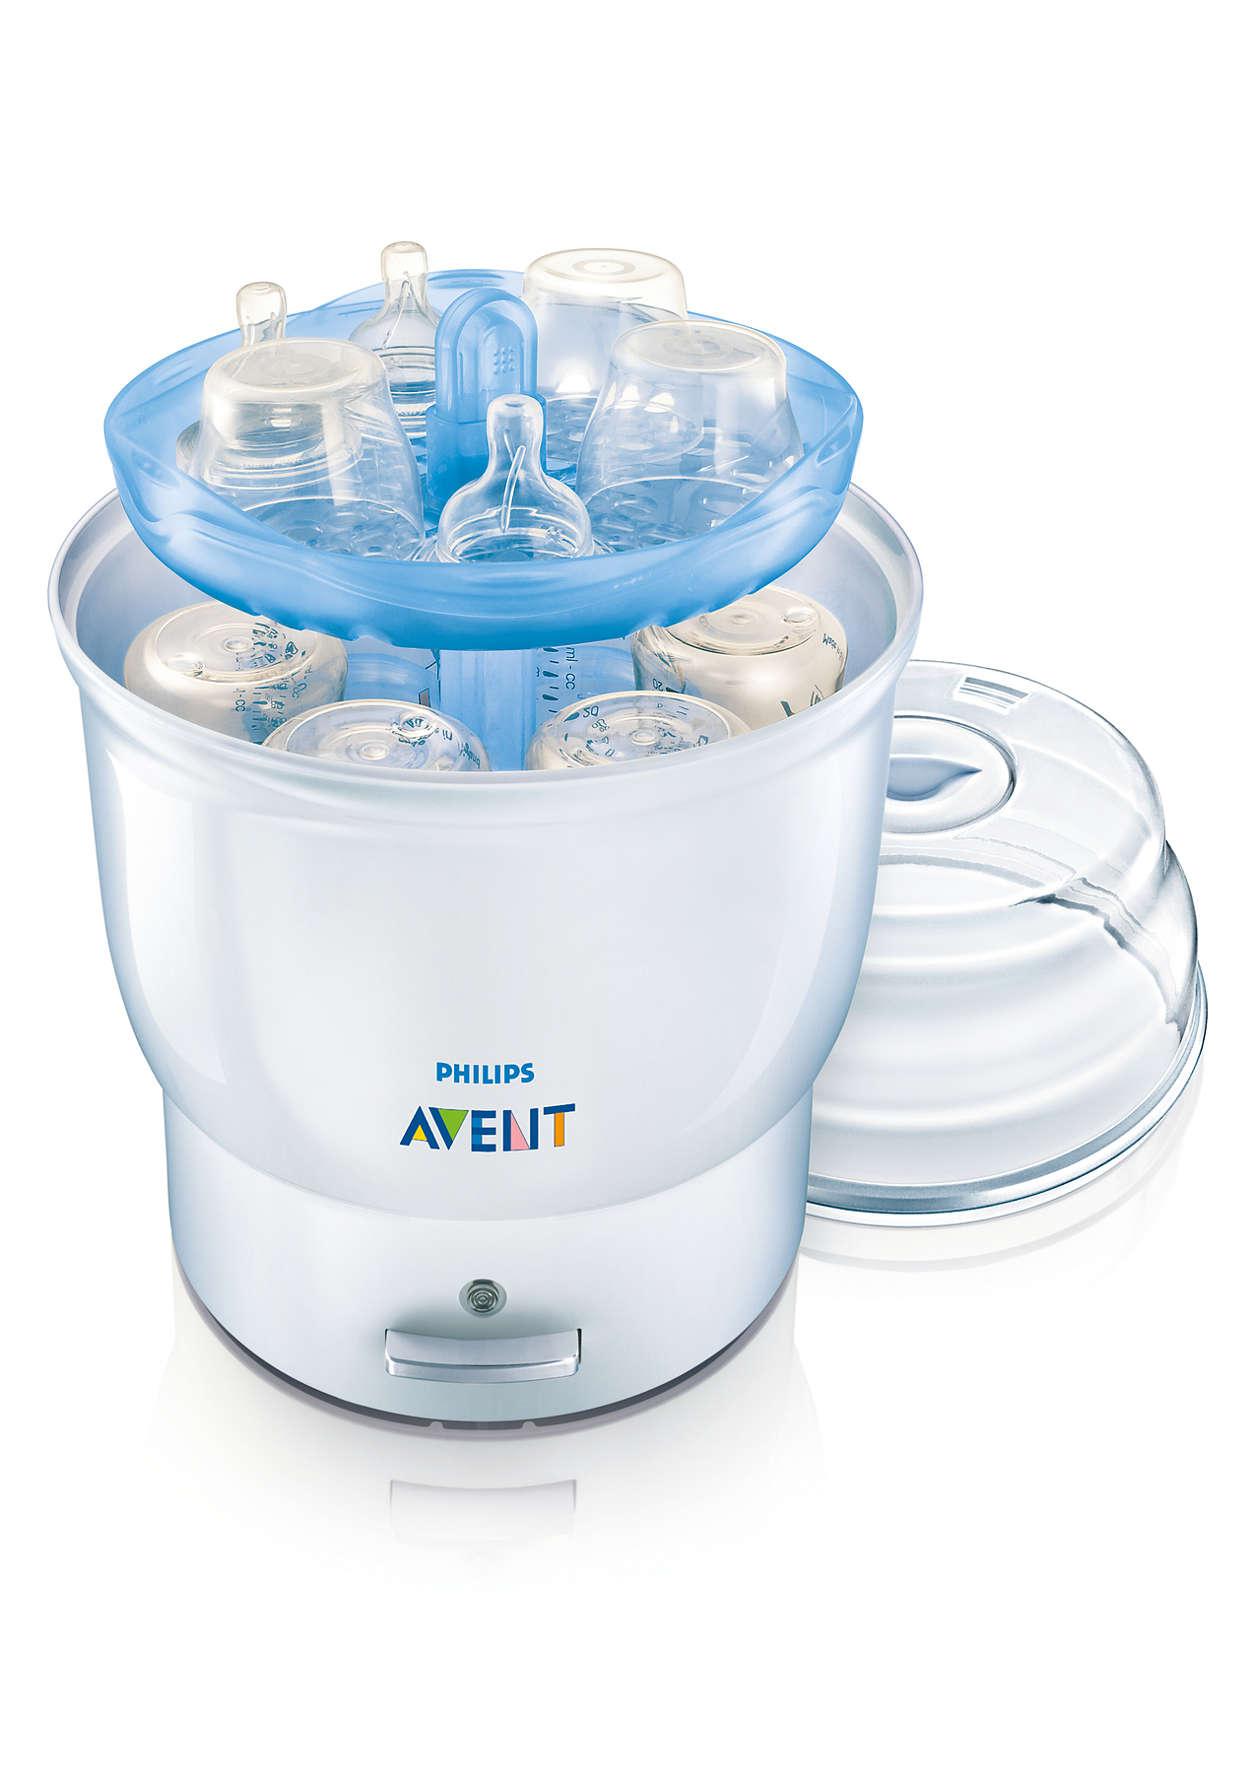 Tiệt trùng 6 bình sữa trong 8 phút